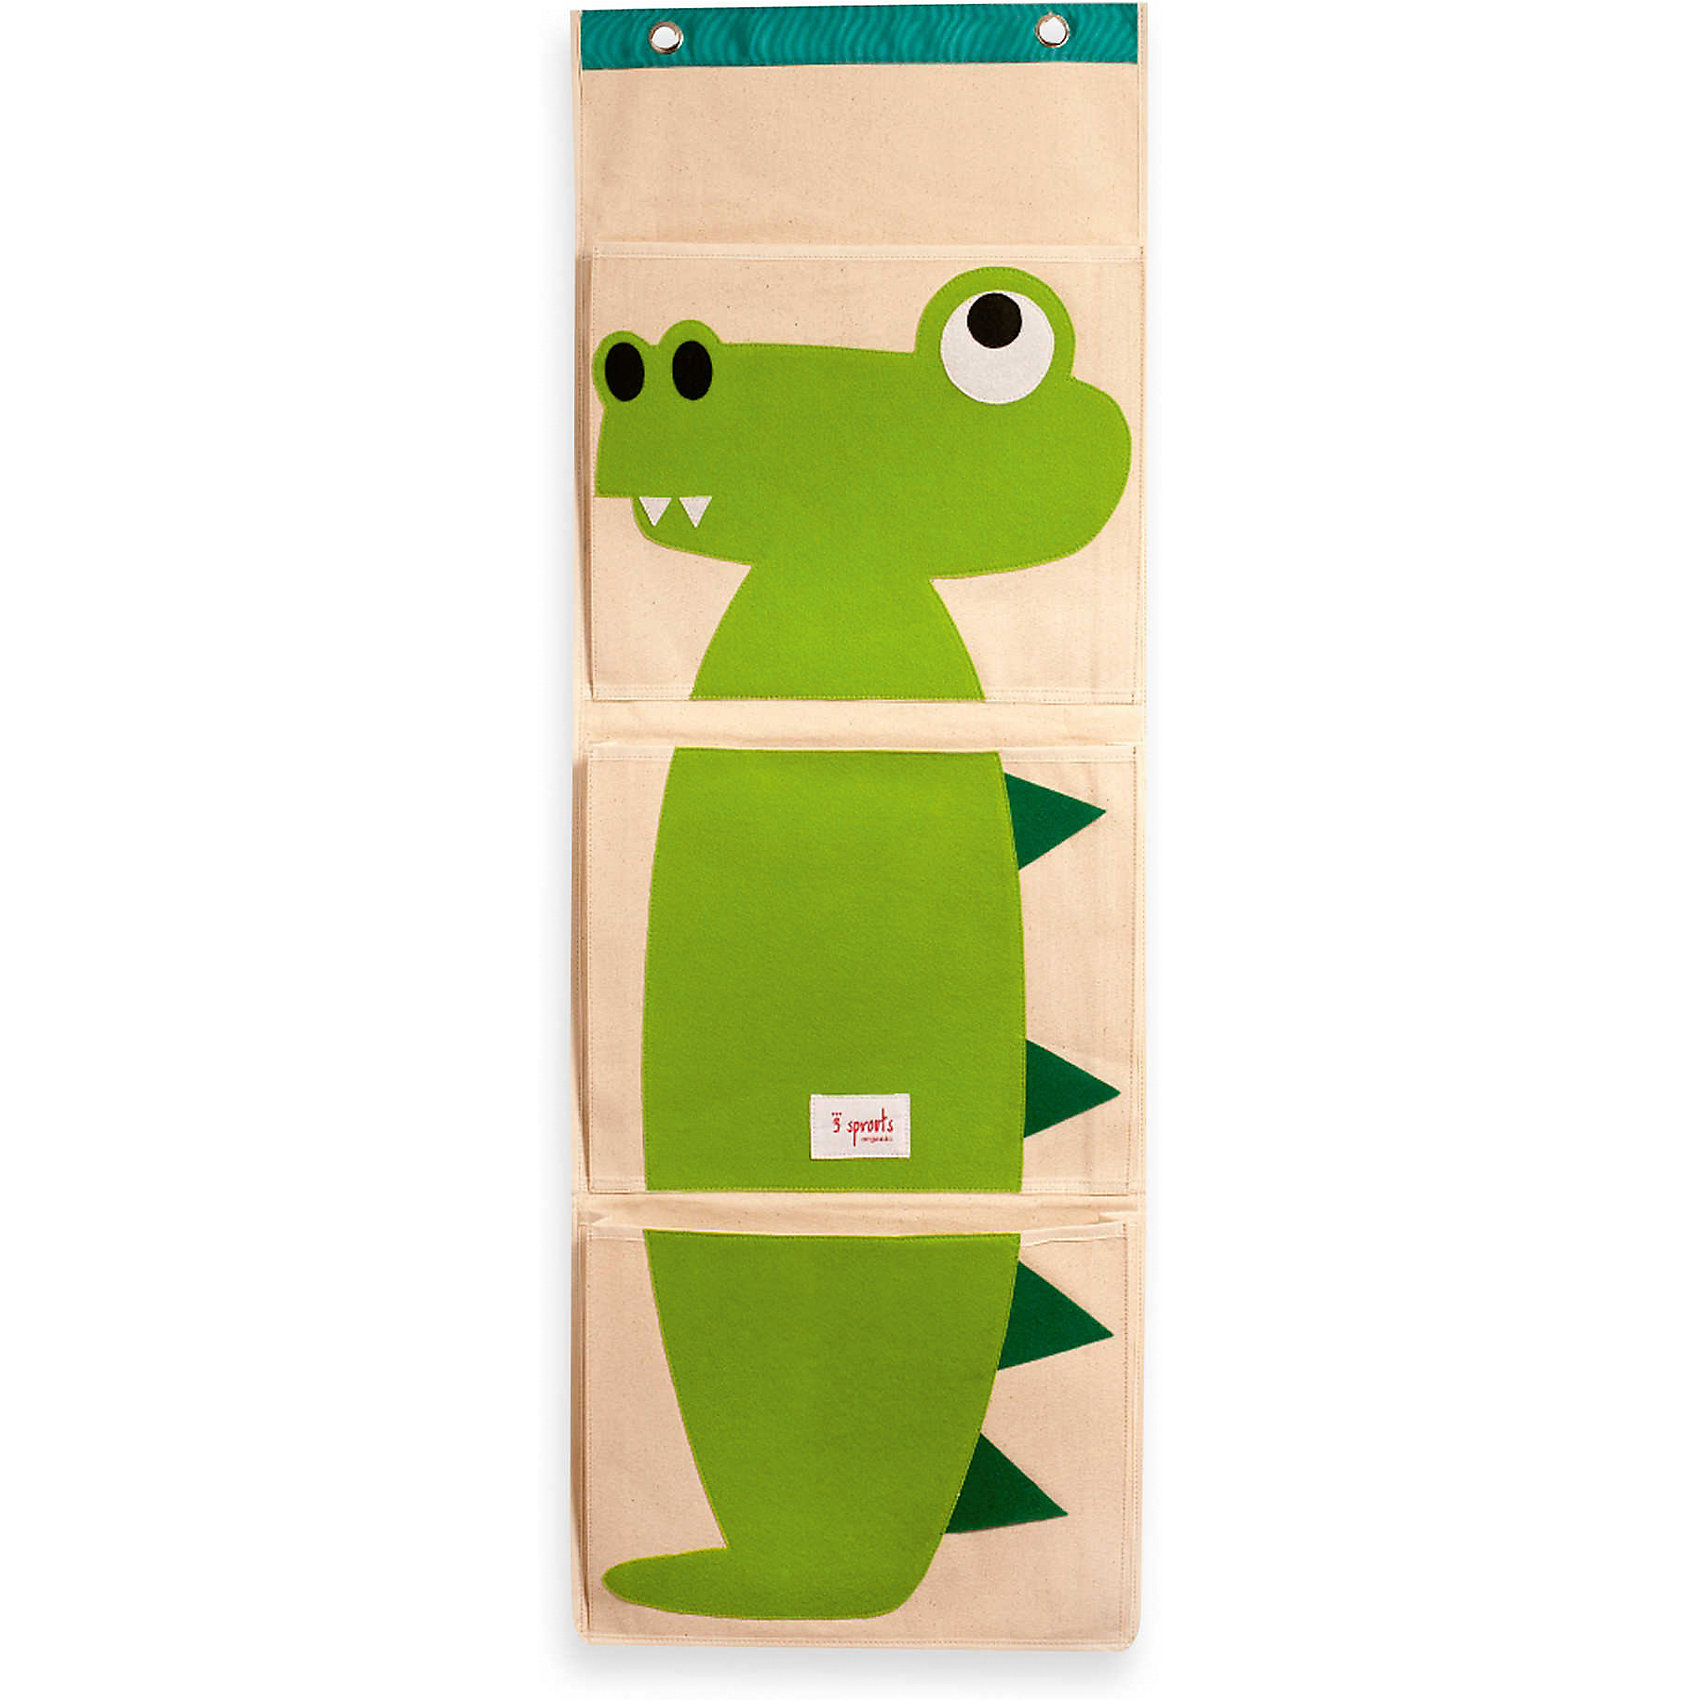 Органайзер на стену Крокодил (Green Crocodile), 3 SproutsТри ярких больших кармана, которые легко вешаются на стену, прекрасно подойдут для хранения подгузников, бесценных произведений искусства Вашего ребёнка и мелких игрушек.<br><br>Дополнительная информация:<br><br>- Размер органайзера: 35.5x100 см.<br>- Размер карманов: 35.5x29 см.<br>- Материал: <br>100% брезентовый хлопок.<br>100% полиэстеровый фетр.<br>100% полиэтилен.<br><br>Купить органайзер на стену Крокодил (Green Crocodile), можно в нашем магазине.<br><br>Ширина мм: 370<br>Глубина мм: 20<br>Высота мм: 310<br>Вес г: 430<br>Возраст от месяцев: 6<br>Возраст до месяцев: 84<br>Пол: Унисекс<br>Возраст: Детский<br>SKU: 5098218